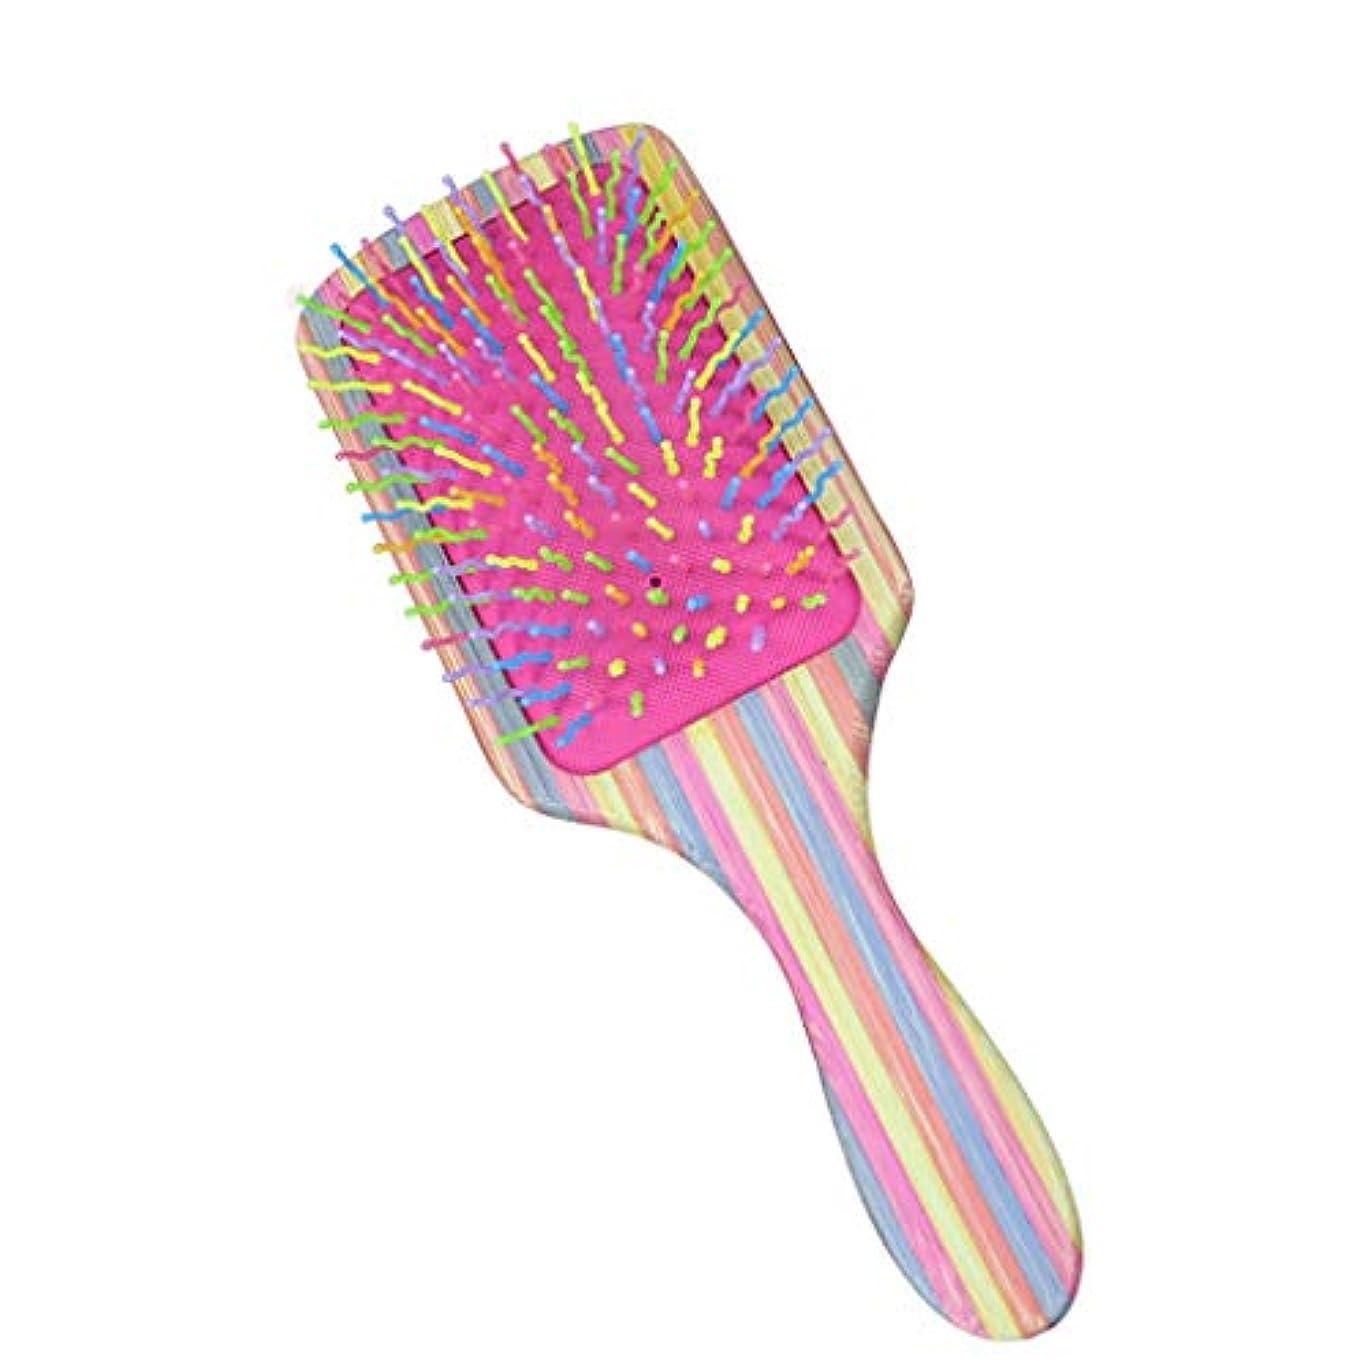 ハイブリッド夜明けにコーラスくし児童エアバッグエアクッションコームマッサージヘッドメリディアンコームヘアコームヘアコームくしホームビッグくし (Color : Pink)